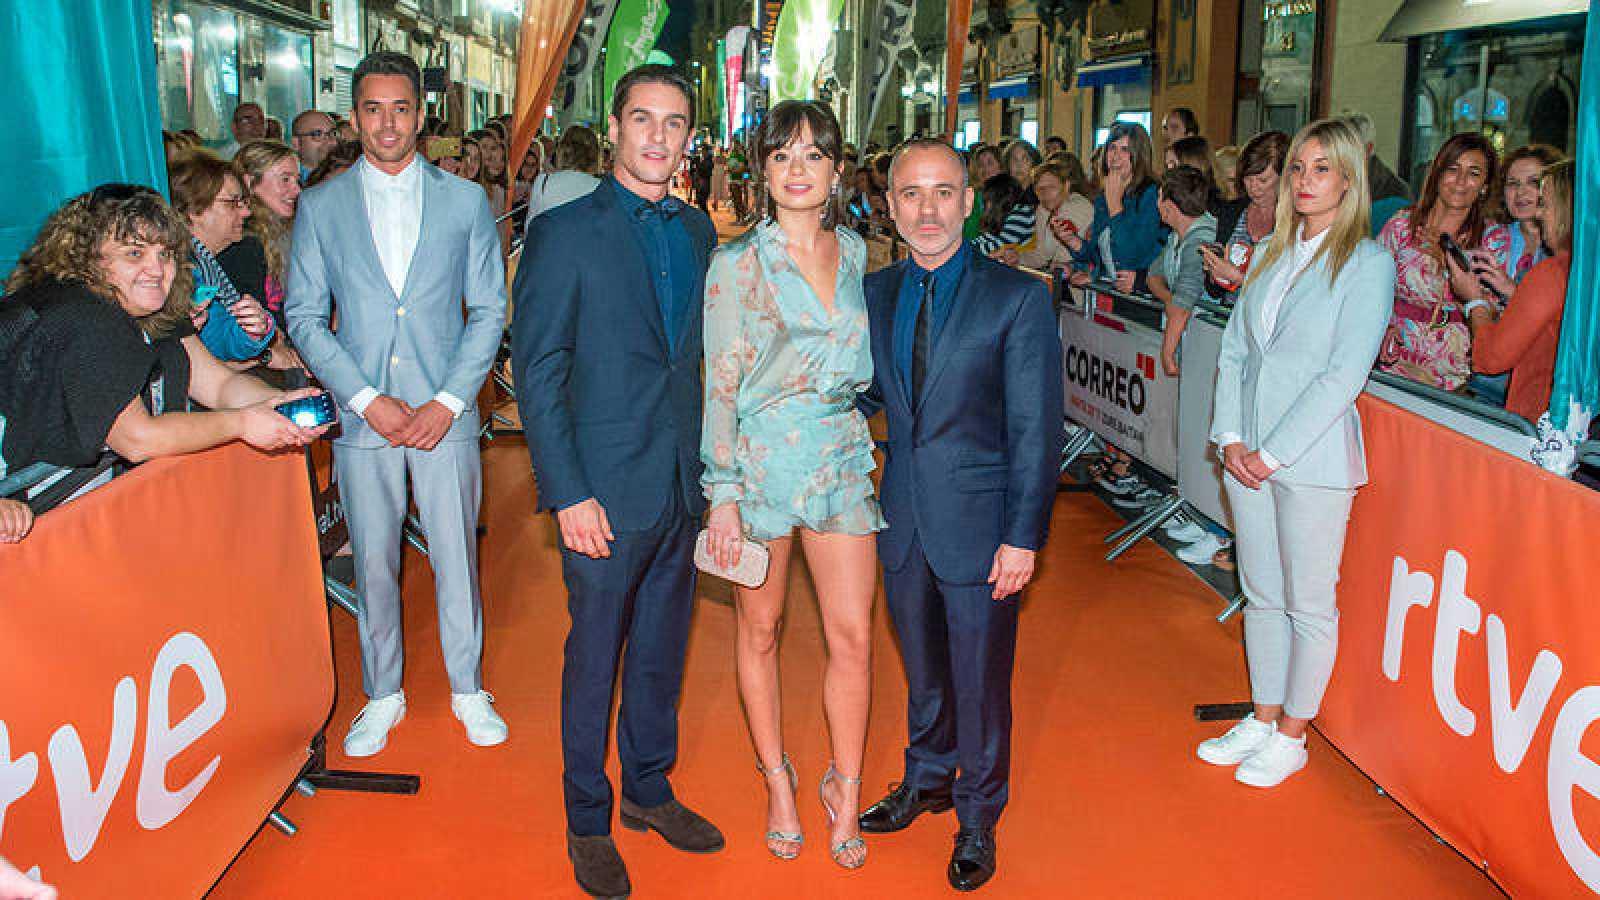 Los actores de 'Estoy Vivo' inauguran la alfomnbra naranja del FesTVal